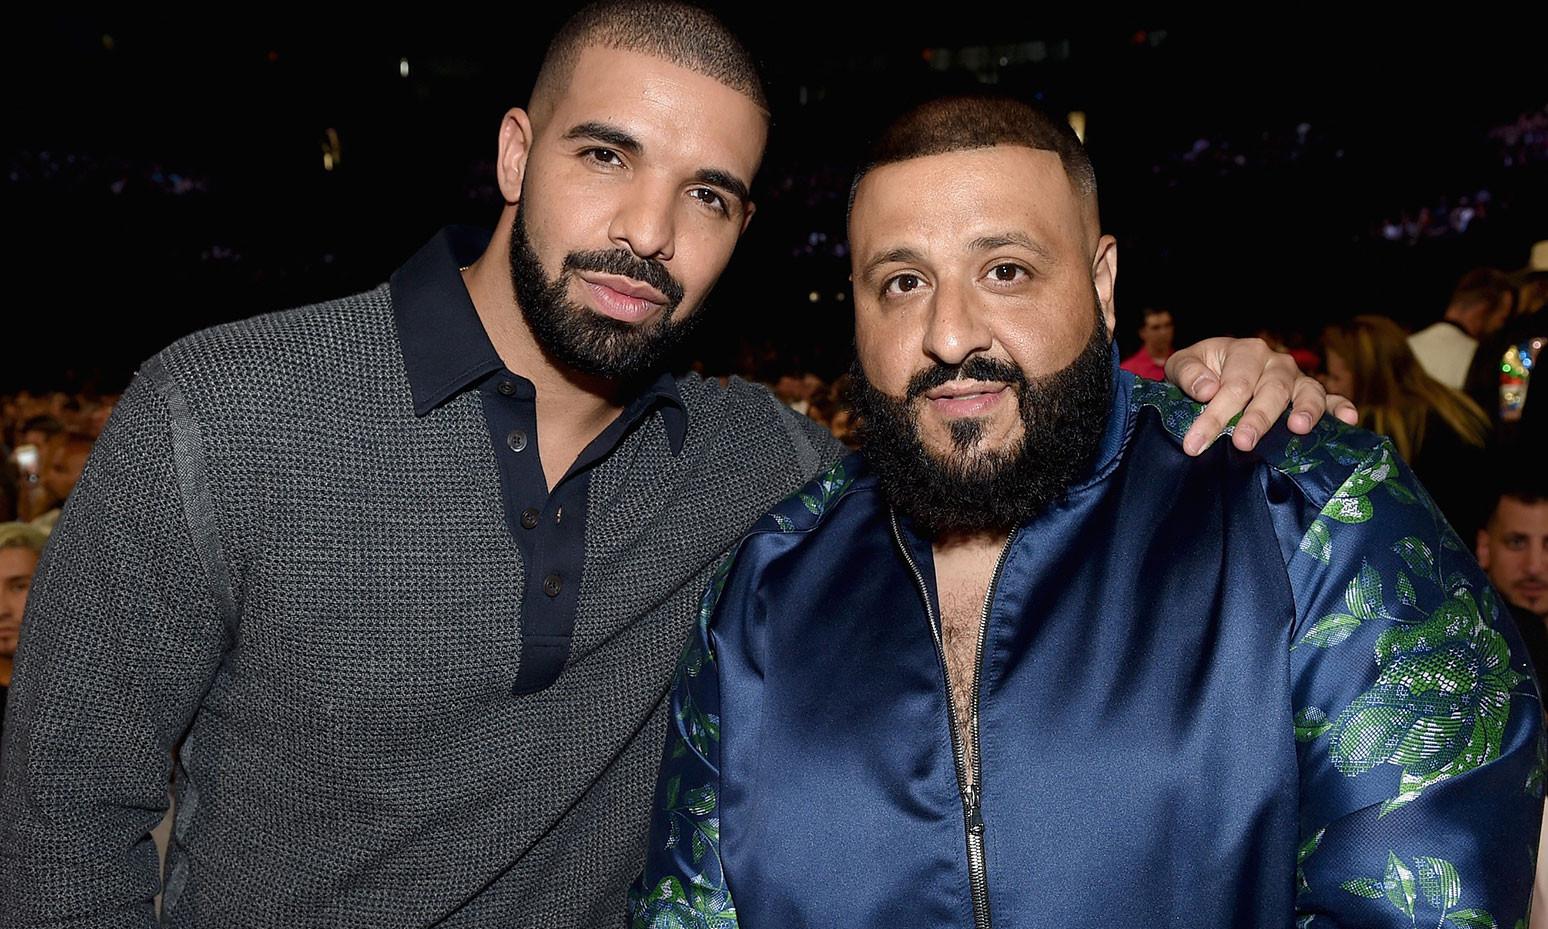 超越麦当娜,Drake 成为拥有 Billboard Hot 100 最多单曲艺人